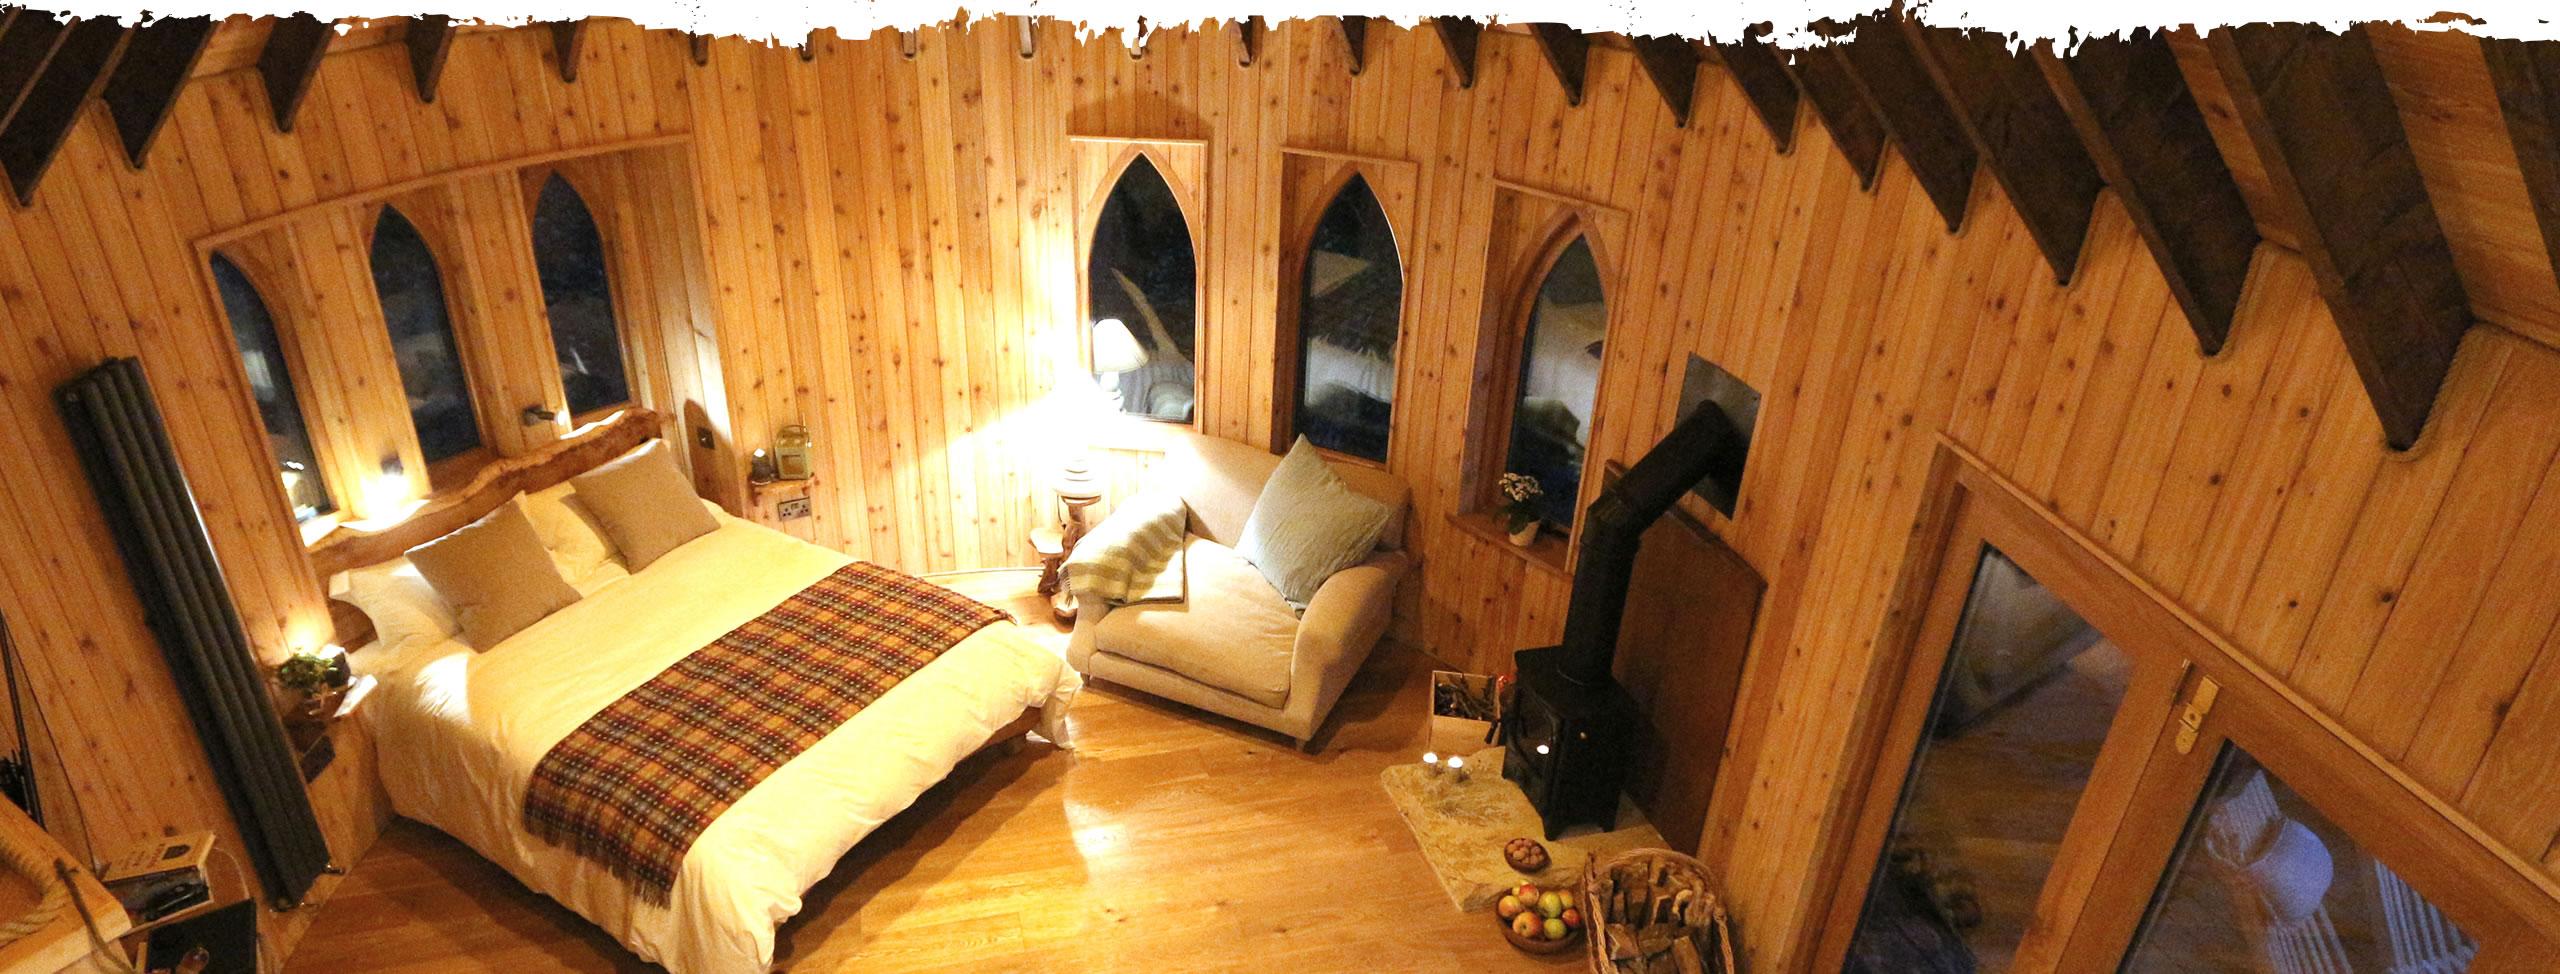 Hoots Treehouse